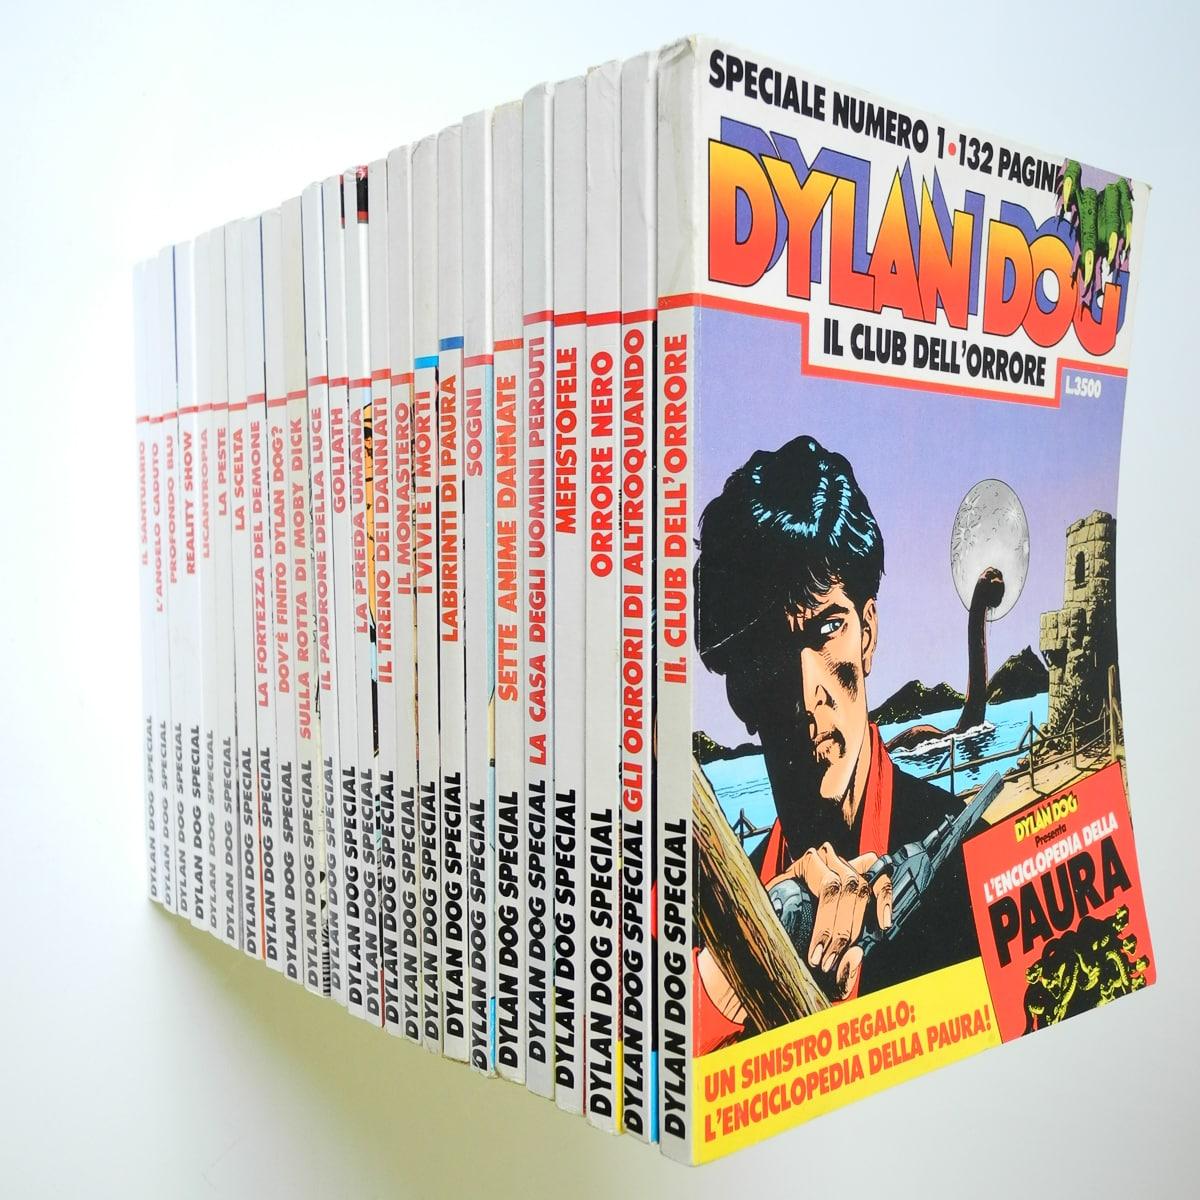 Dylan Dog speciale n. 1/24 con albetti originali Bonelli